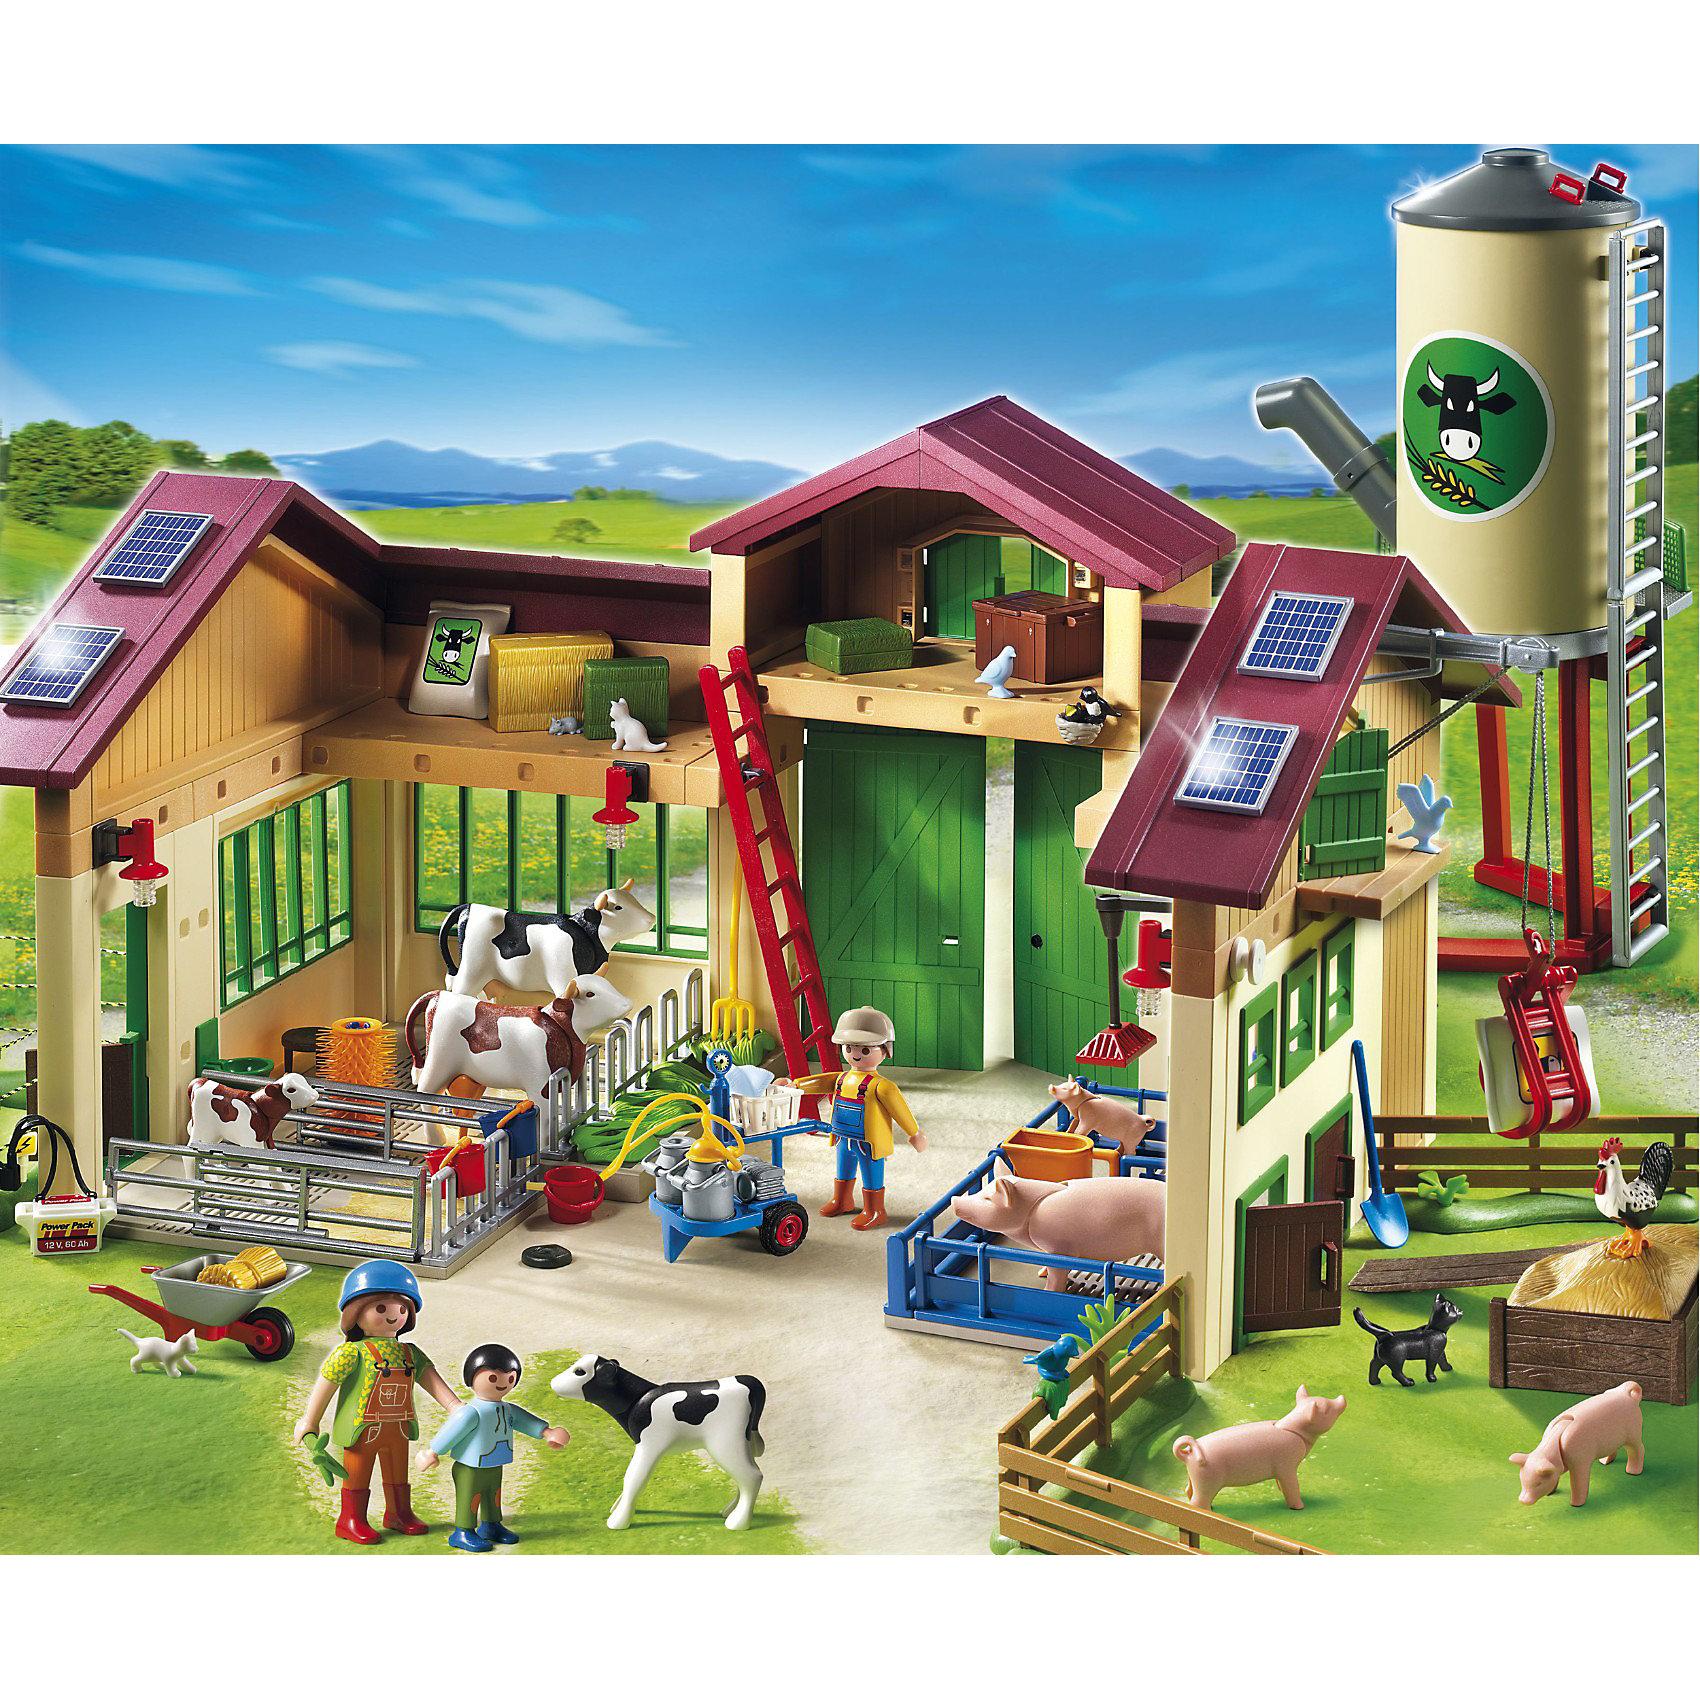 PLAYMOBIL 5119 Ферма: Новая ферма с силосной башнейКонструктор PLAYMOBIL (Плеймобил) 5119 Ферма: Новая ферма с силосной башней - находка для заботливых родителей! Конструктор Вашего ребенка должен быть именно таким: красочным, безопасным и очень интересным. Серия Ферма специально создана для малышей которые обожают животных и мечтают наблюдать как они растут. Ферма - идеальное место для животных! На новой ферме с силосной башней есть место для всех животных: загон для свиней, коровник и даже свинарник. За животными присматривает целая семья. Они кормят животных, чистят загоны и разгружают корма. Работа не замирает ни на минуту. Высокую силосную башню нужно заполнить кормами. Построй ферму и убедись, что все животные хорошо устроились. Создай увлекательные сюжеты с набором Новая ферма с силосной башней или объедини его с другими наборами серии и игра станет еще интереснее. Придумывая замечательные сюжеты с деталями конструктора, Ваш ребенок развивает фантазию, учится заботе и просто прекрасно проводит время!<br><br>Дополнительная информация:<br><br>- Конструкторы PLAYMOBIL (Плеймобил) отлично развивают мелкую моторику, фантазию и воображение;<br>- В наборе: 3 минифигурки (ветеринара и ребенка), детали для строительства фермы и силосной башни, доильный аппарат, лебедка, тележка, корма, лестница 19 животных, инструменты, аксессуары;<br>- Материал: безопасный пластик;<br>- Размер минифигурок взрослых: 7,5 см;<br>- Размер минифигурки ребенка: 5,2 см;<br>- Размер упаковки: 60 х 50 х 16 см<br><br>Конструктор PLAYMOBIL (Плеймобил) 5119 Ферма: Новая ферма с силосной башней можно купить в нашем интернет-магазине.<br><br>Ширина мм: 597<br>Глубина мм: 499<br>Высота мм: 150<br>Вес г: 3543<br>Возраст от месяцев: 48<br>Возраст до месяцев: 120<br>Пол: Унисекс<br>Возраст: Детский<br>SKU: 2129496